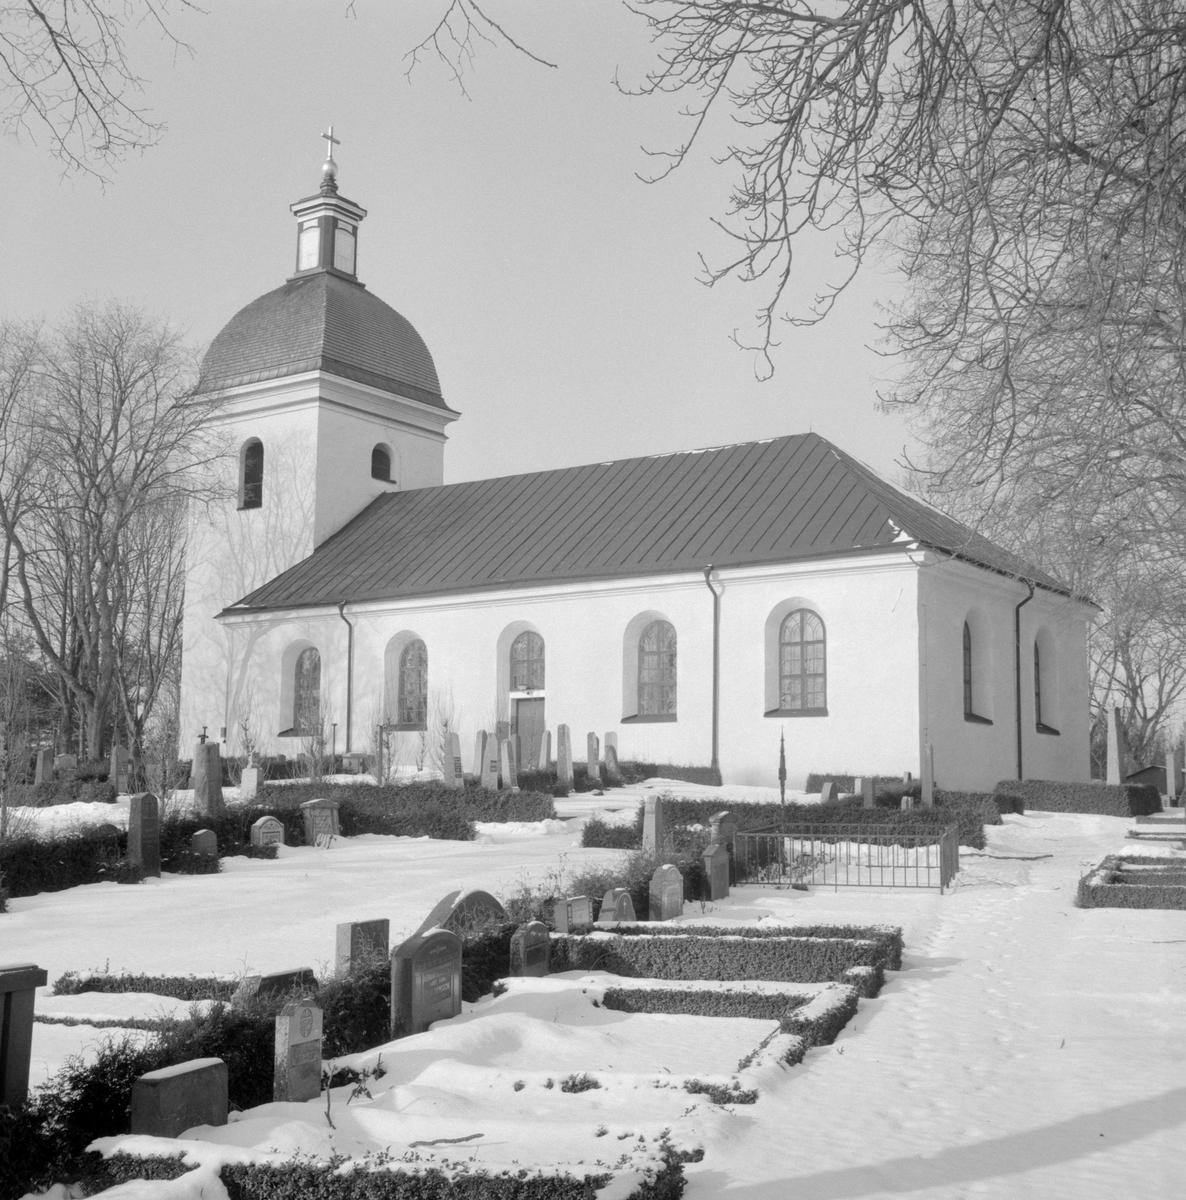 Styrstad kyrka har en lång och komplicerad historia. Äldsta delarna i stenkyrkan söker sig till 1100-talet och ett flertal om- och tillbyggnader har gjorts genom de följade seklerna. Rådande gustavianska prägel erhöll kyrkan genom omfattande ombyggnadsarbeten under 1780-talet.